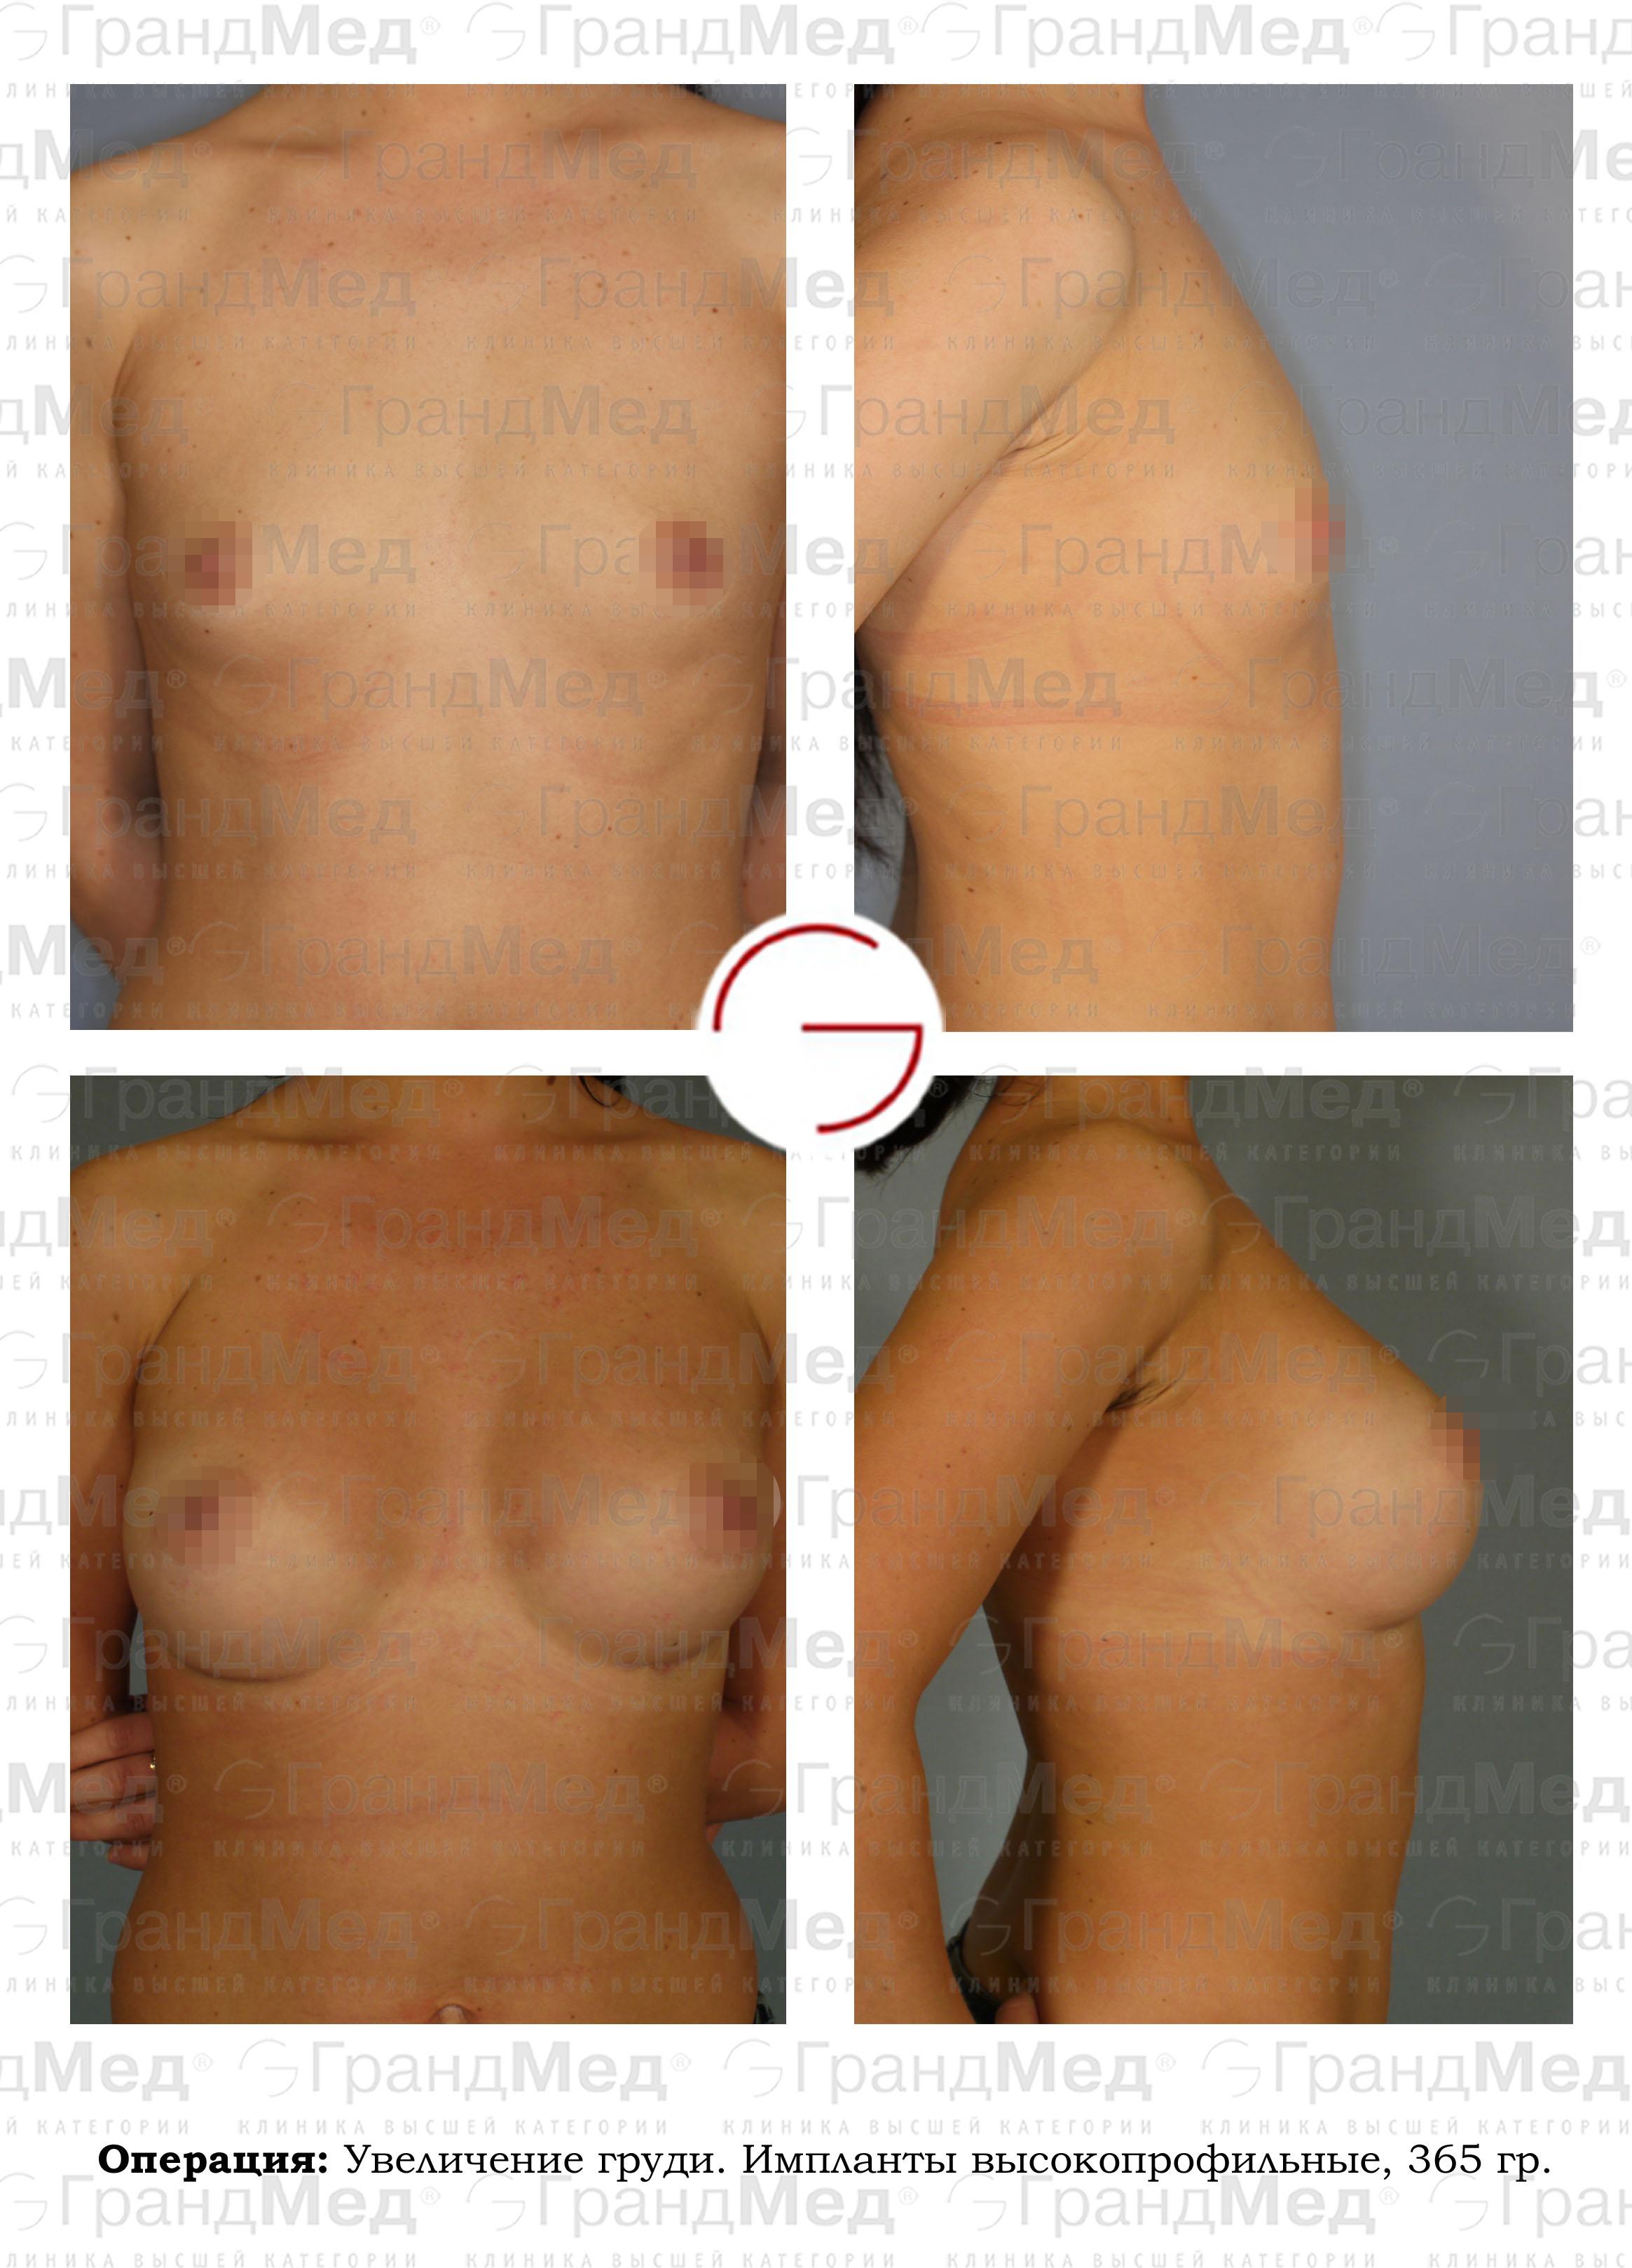 Крем с эстрогенами для груди